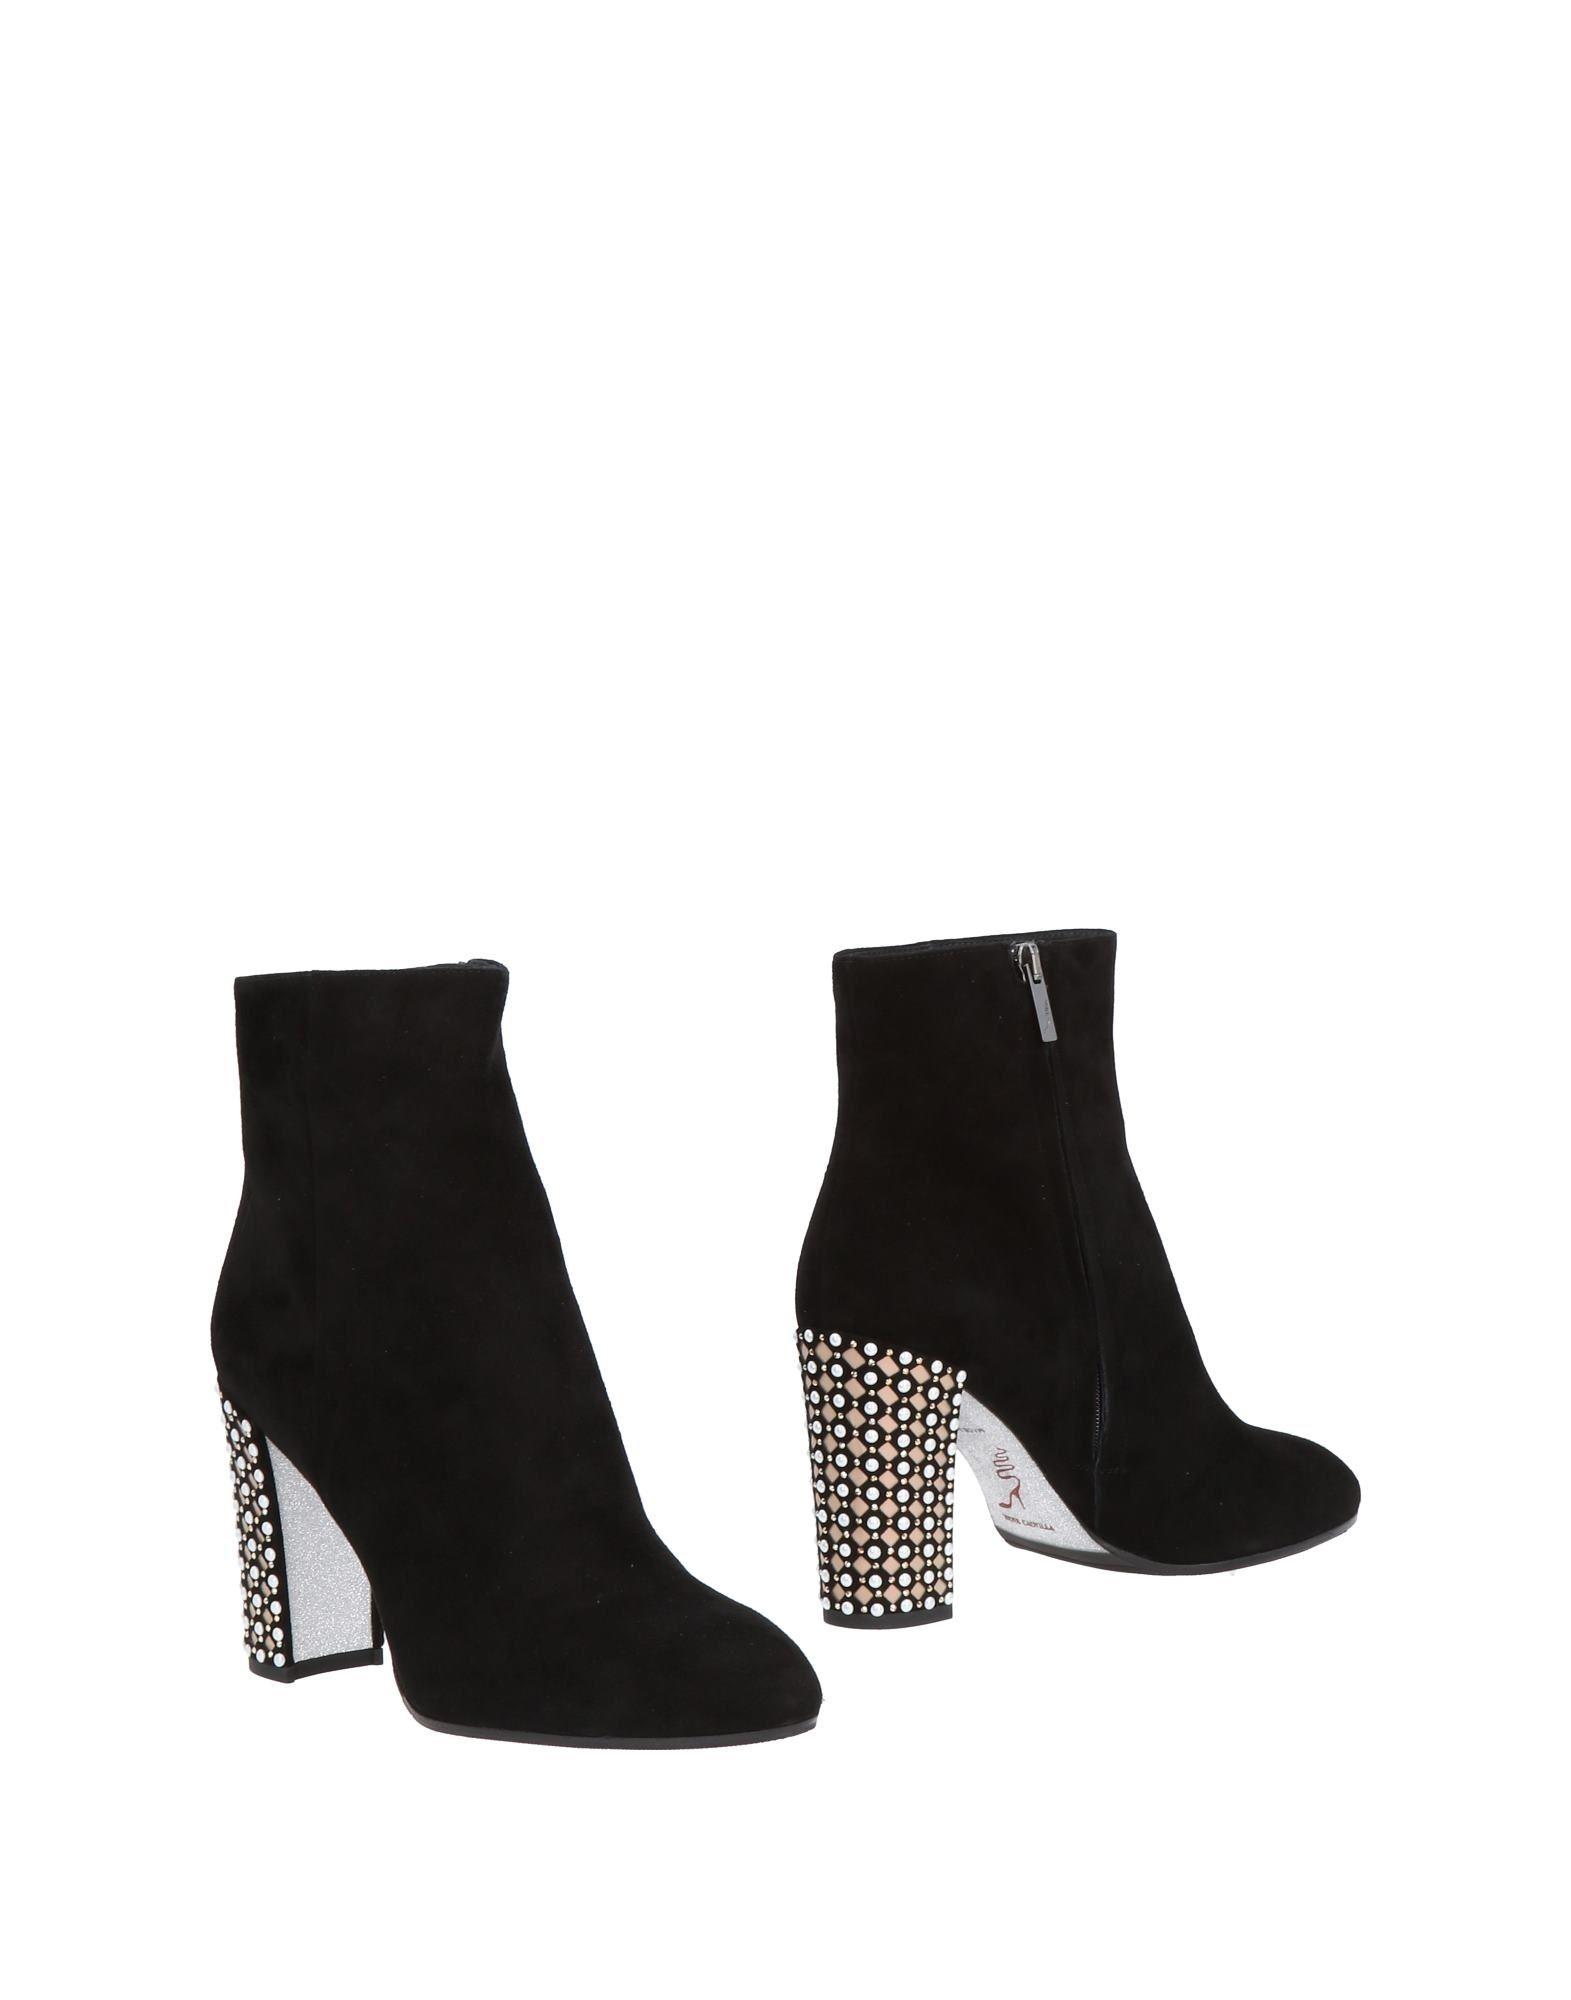 Rene'  Caovilla Stiefelette Damen  Rene' 11498202XEGünstige gut aussehende Schuhe 98a185